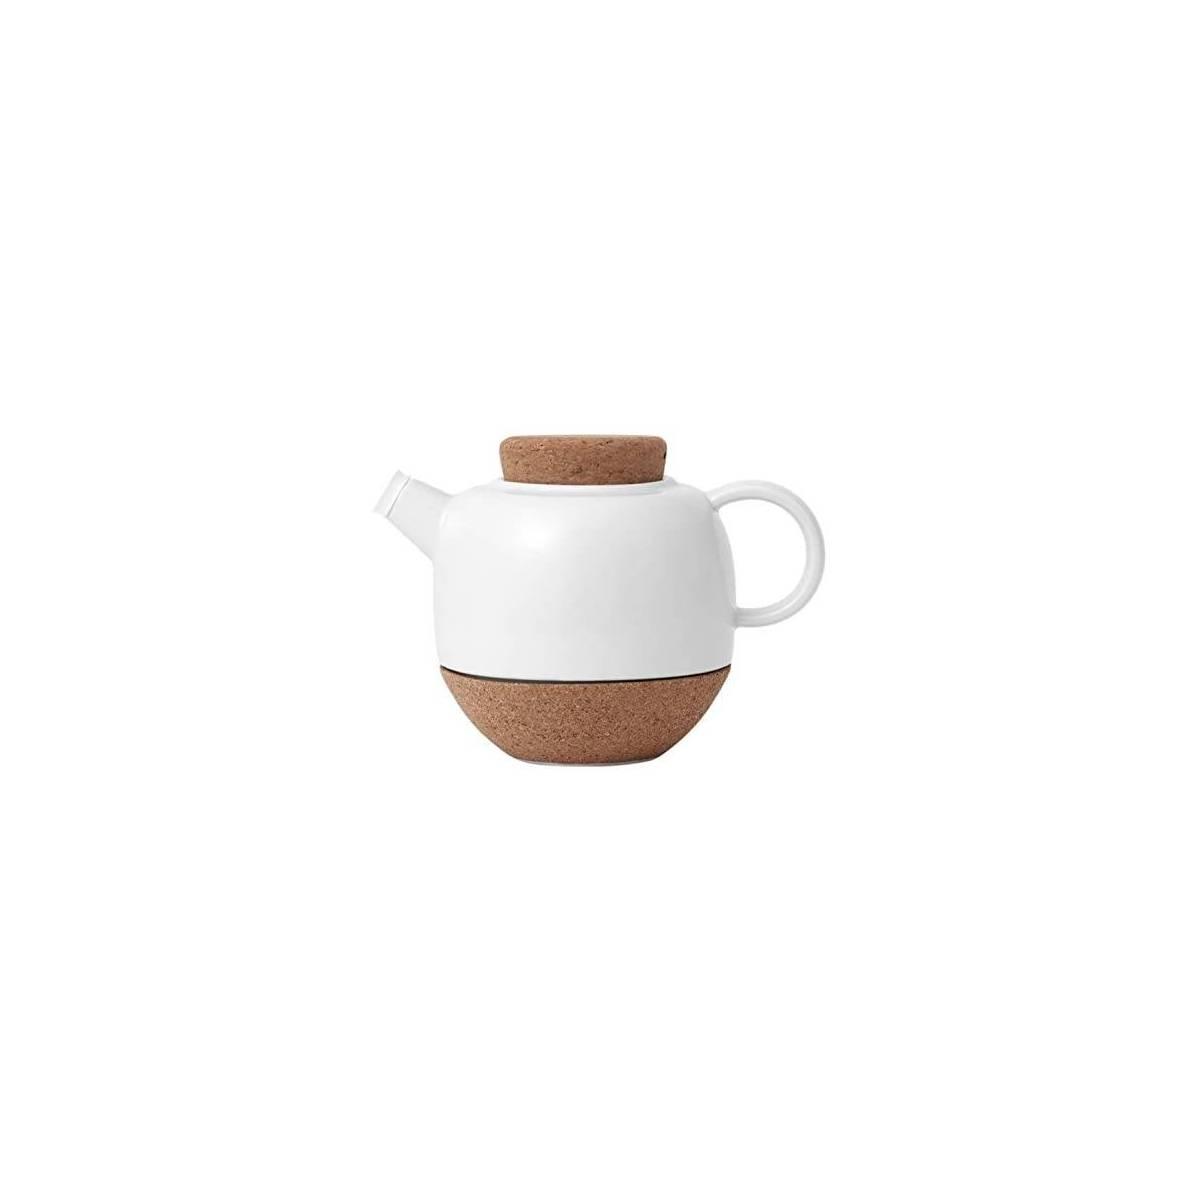 Théière Lauren Viva Scandinavia Porcelaine Blanche 0.8 litres